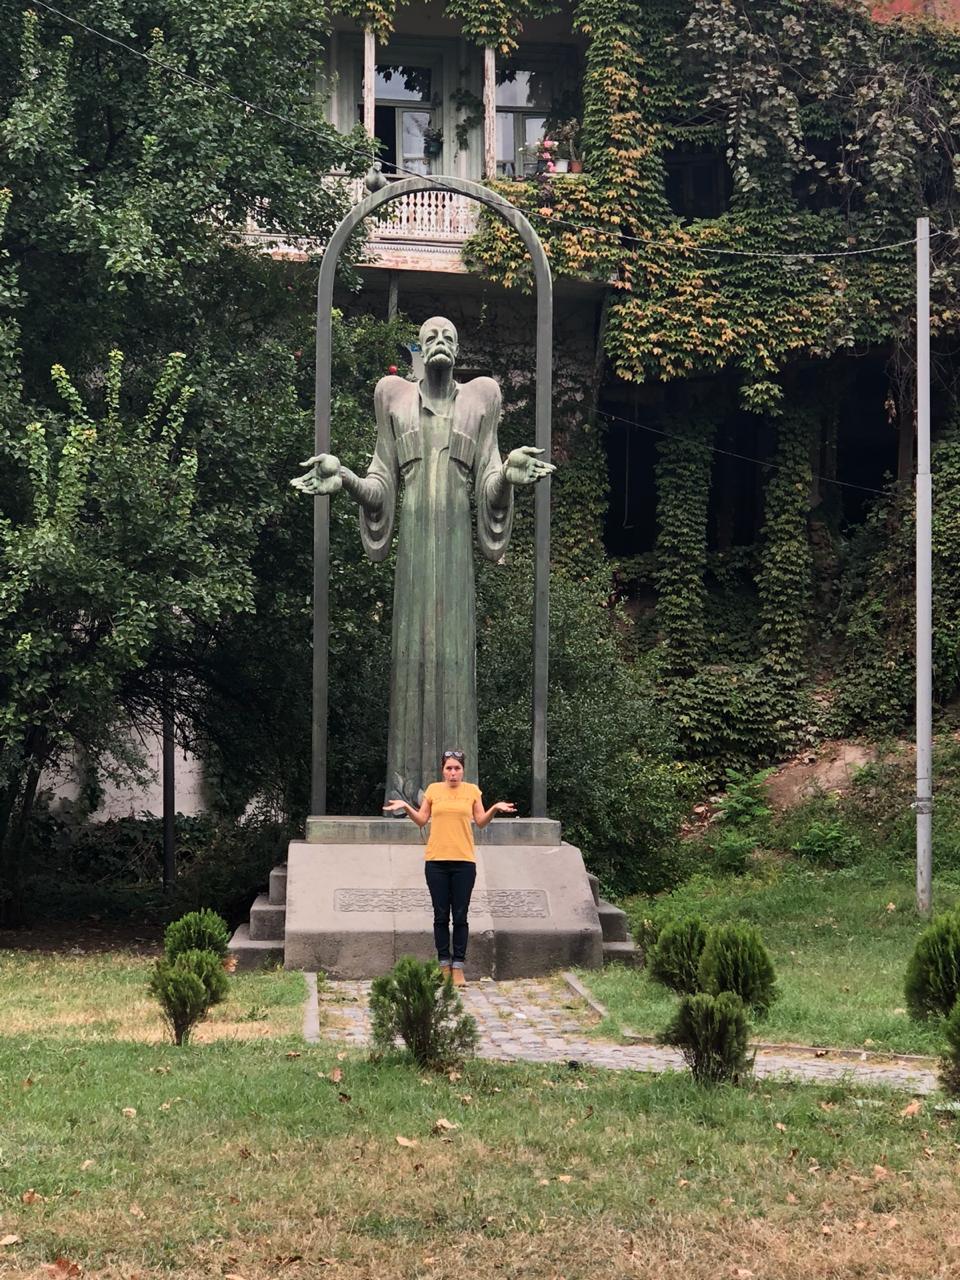 A shrugging statue